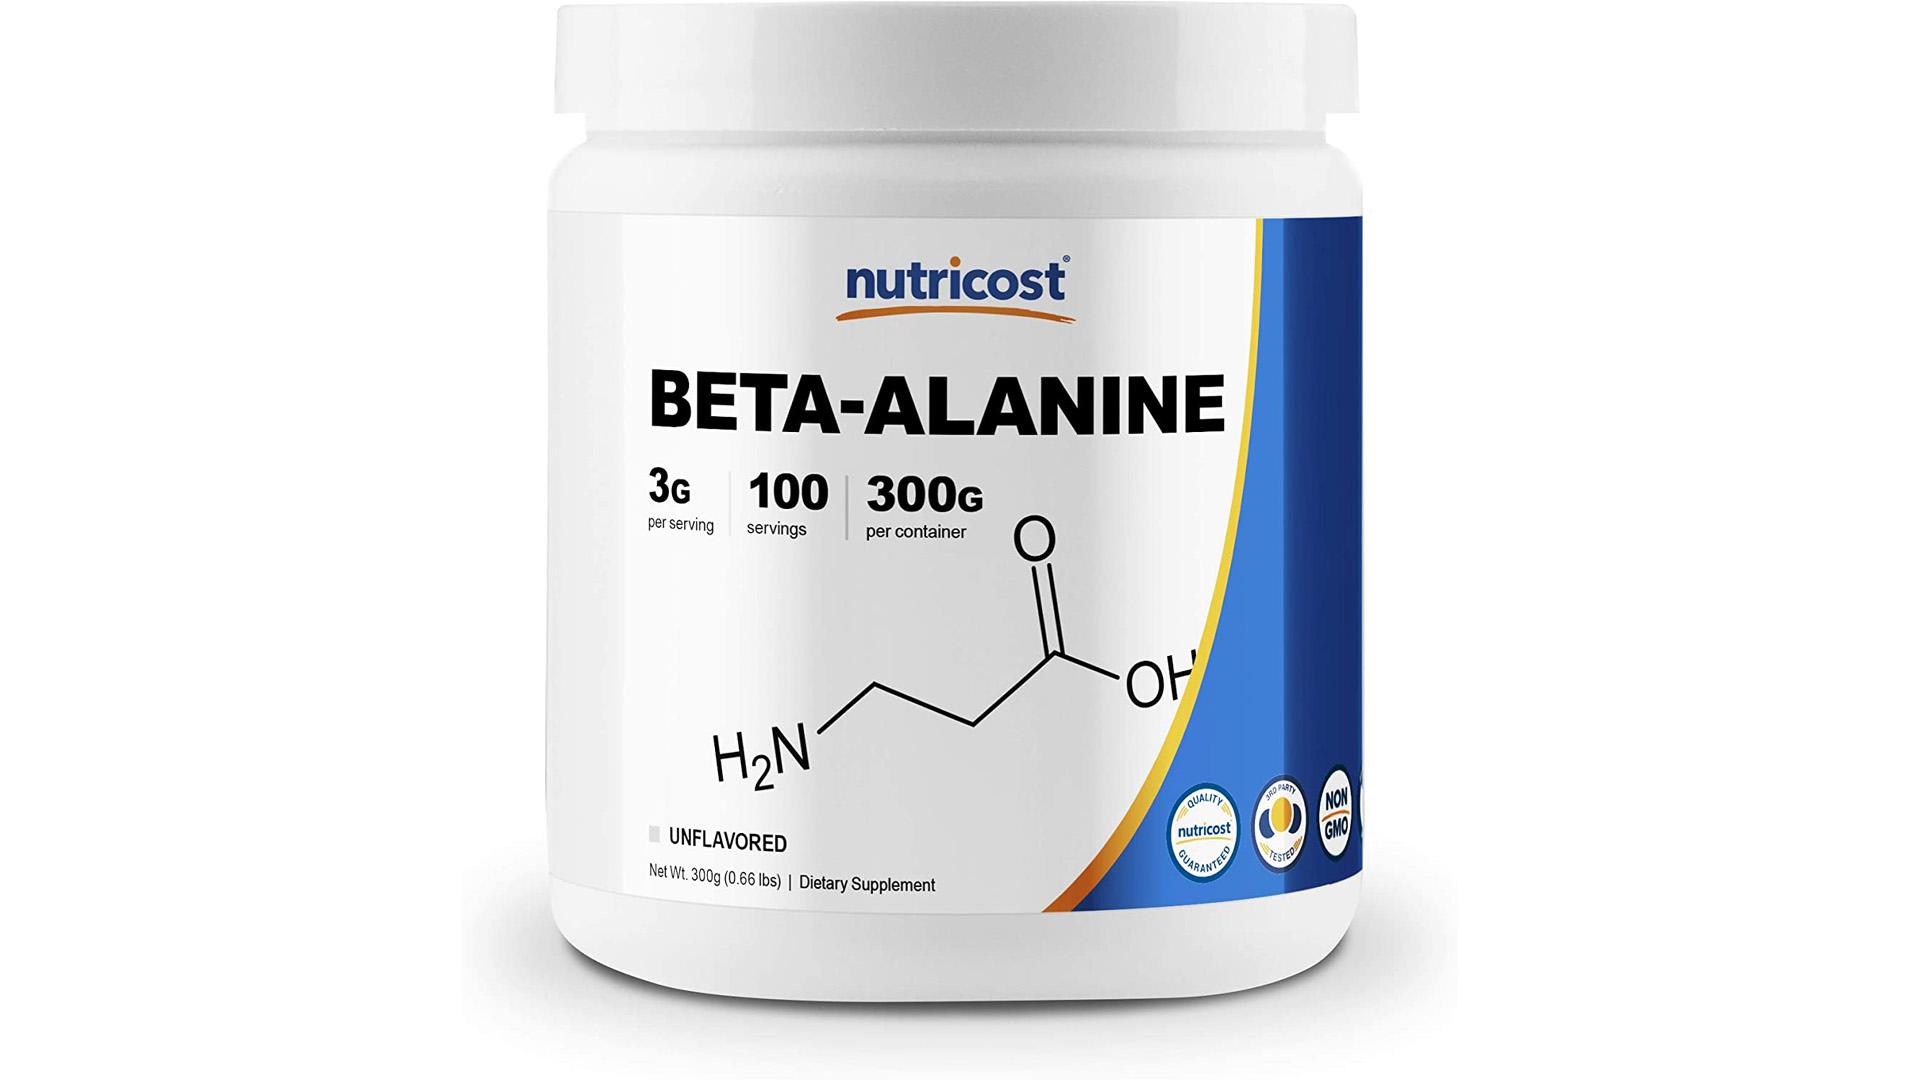 Nutricost Beta Alanine Powder